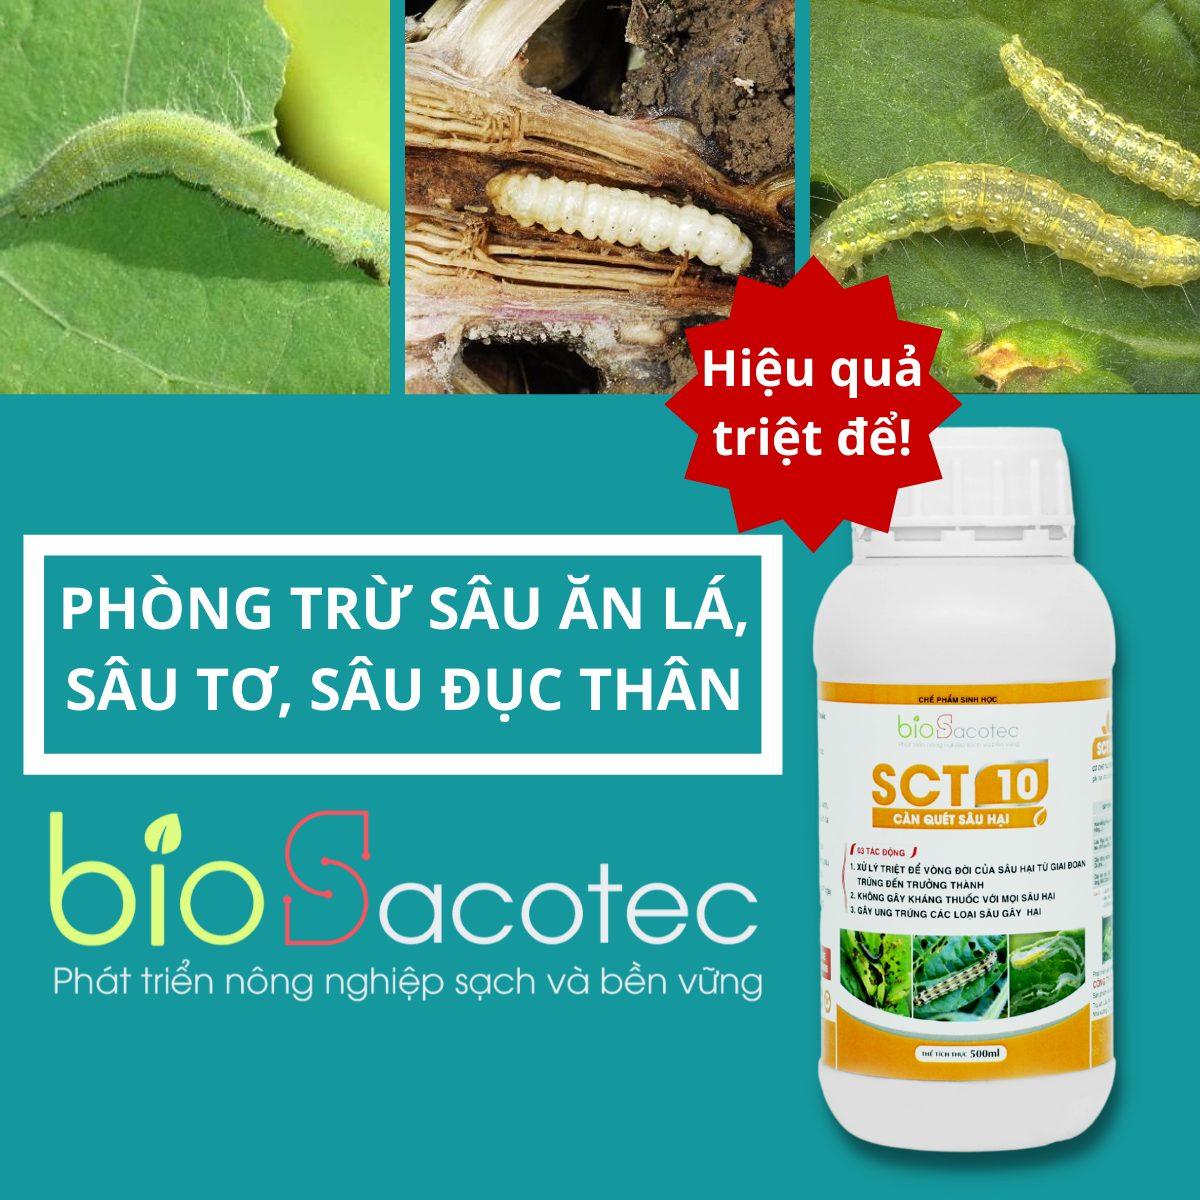 Chế phẩm trừ sâu sinh học SCT 10 - Phòng trừ sâu ăn lá, sâu tơ, sâu đục thân